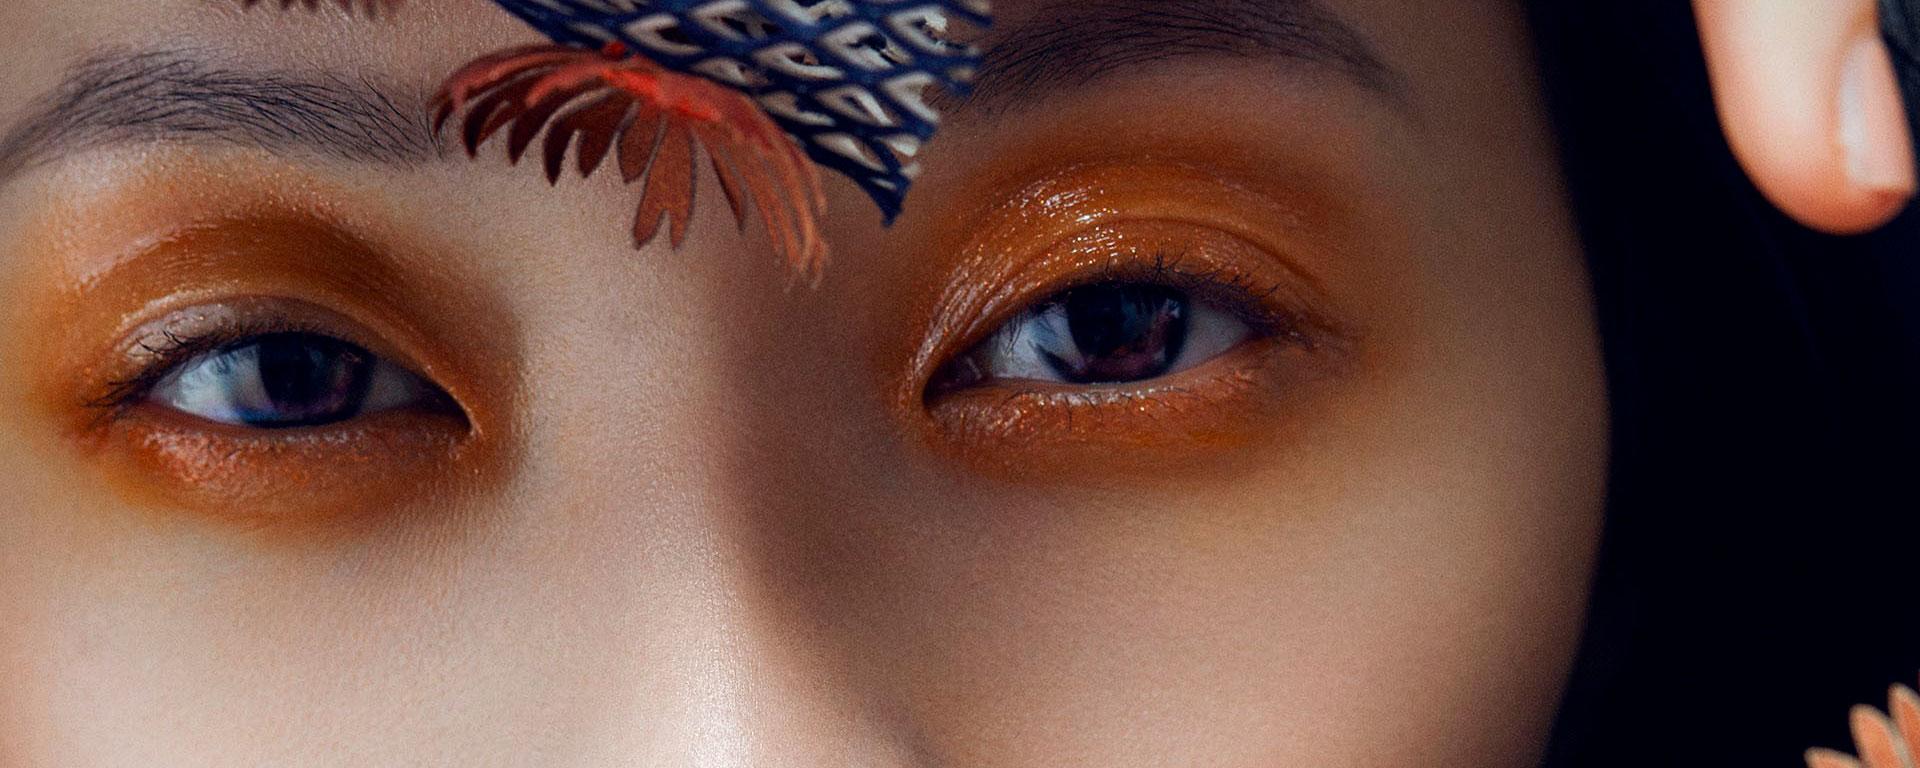 olhos-03